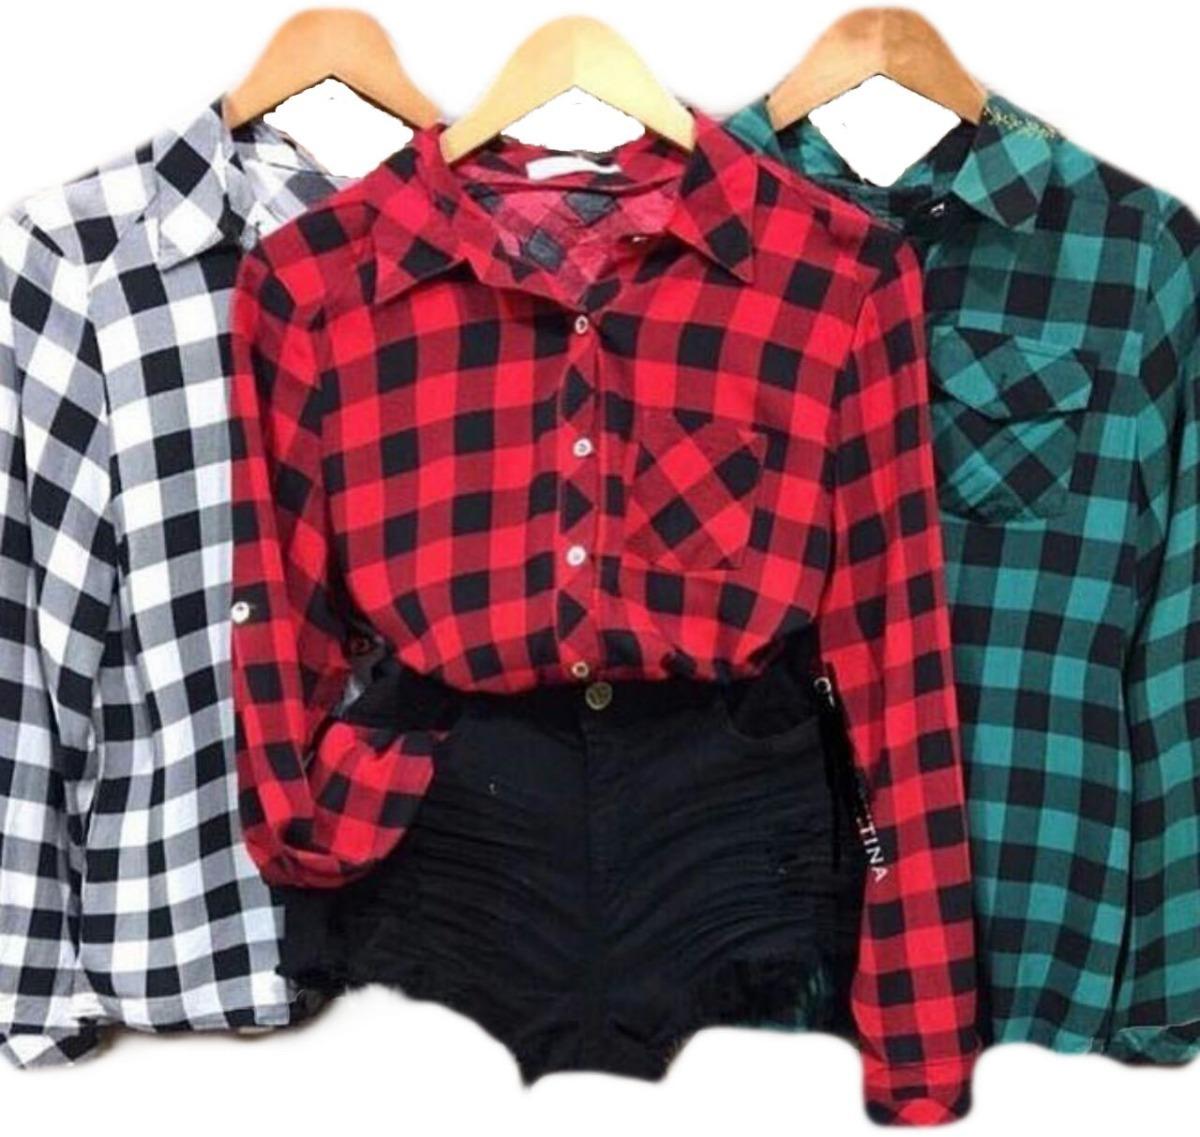 4cf55aab13 camisa xadrez blusa feminina promoção atacado camisete. Carregando zoom.